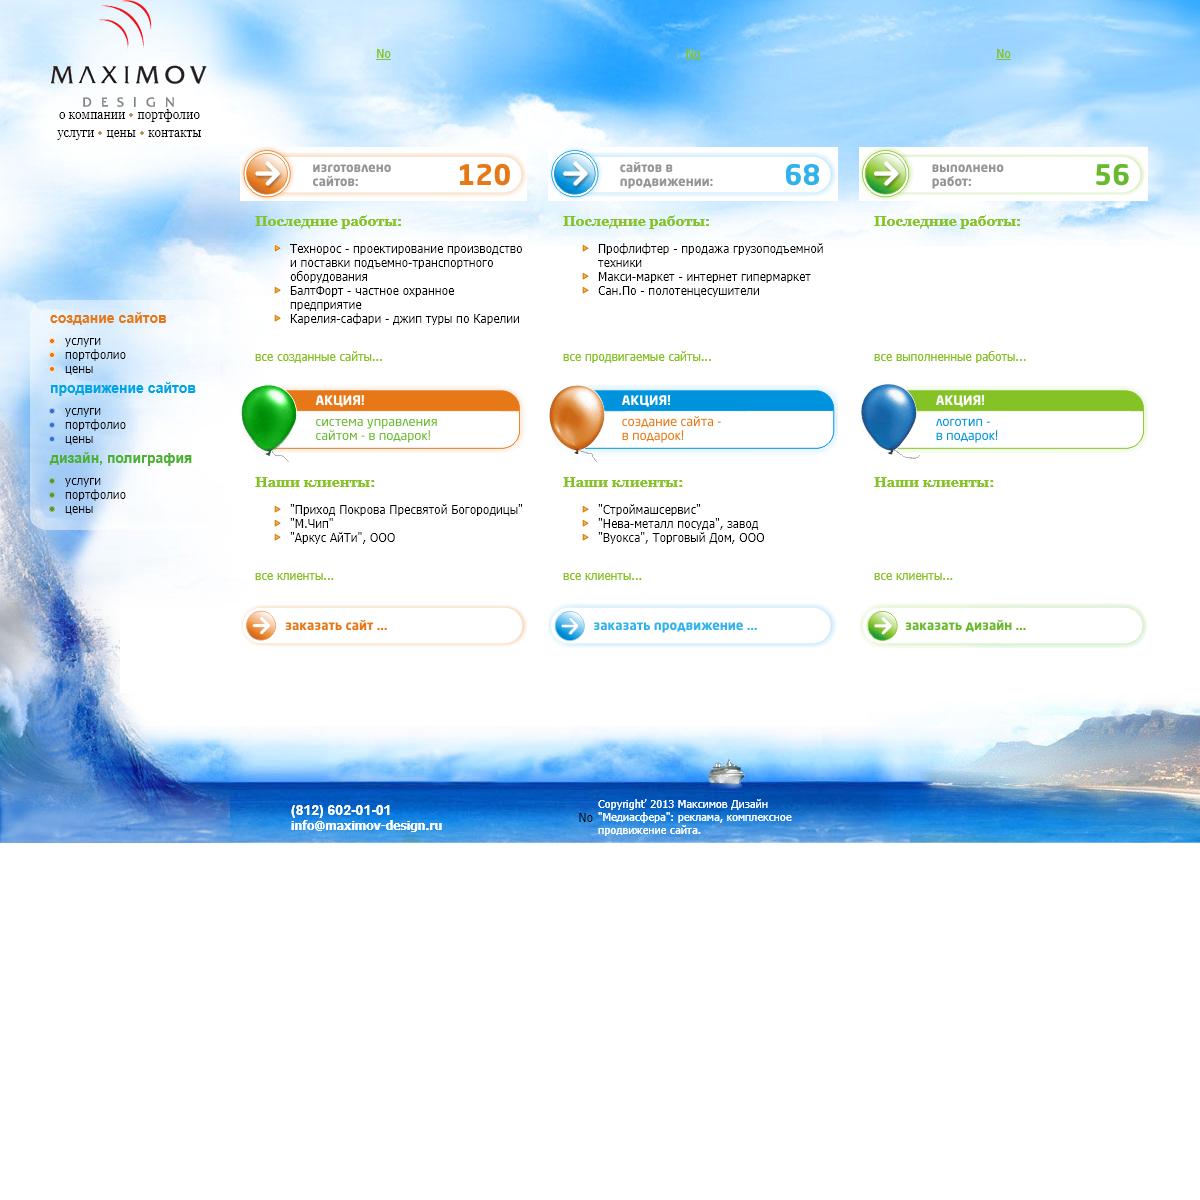 Создание сайта и веб-дизайн. Оптимизация и продвижение сайта. Студия М